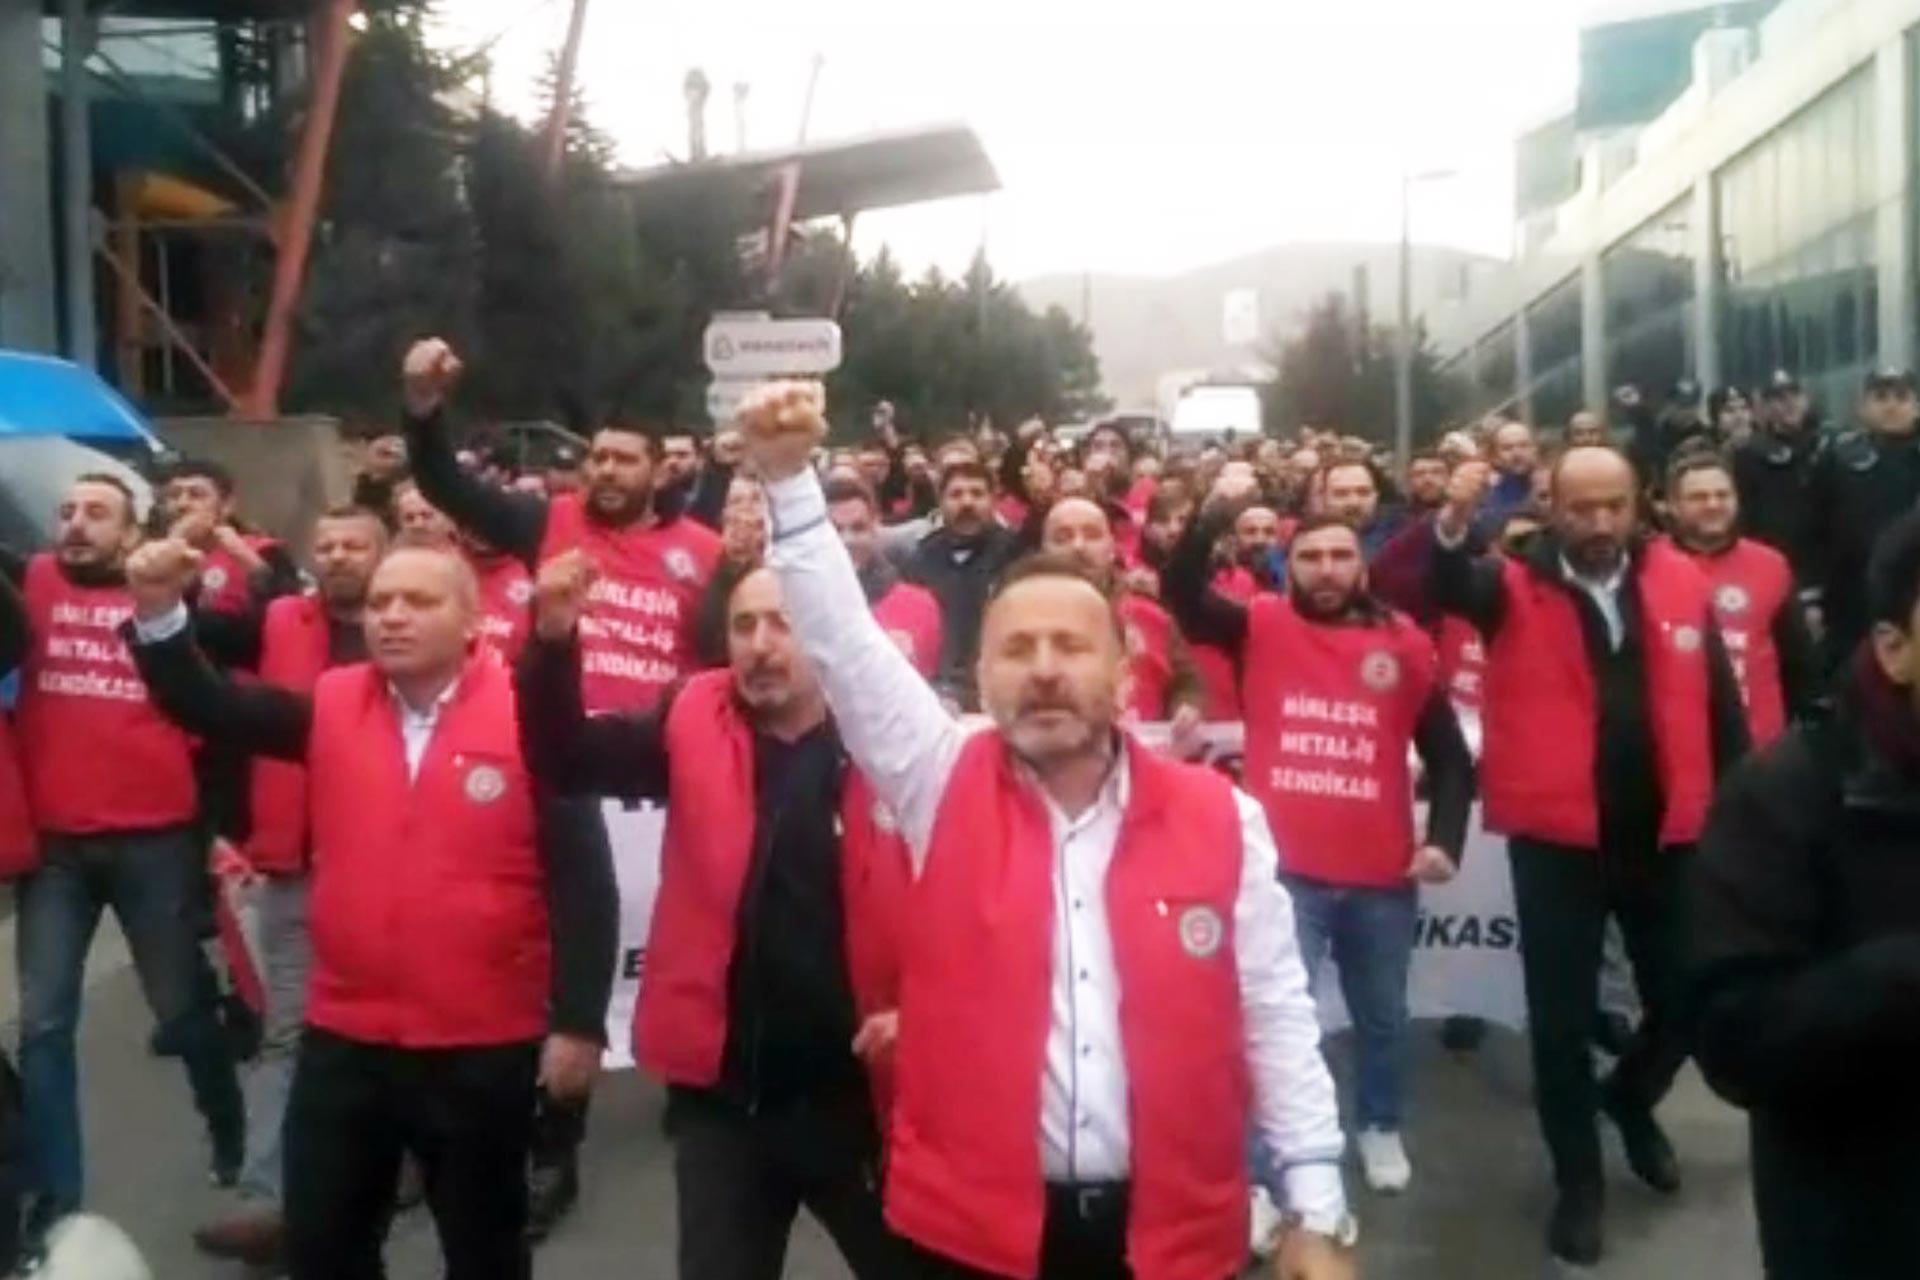 Birleşik Metal-İş üye ve yöneticileri Trelleborg grevini ziyaret için sloganlarla yürürken